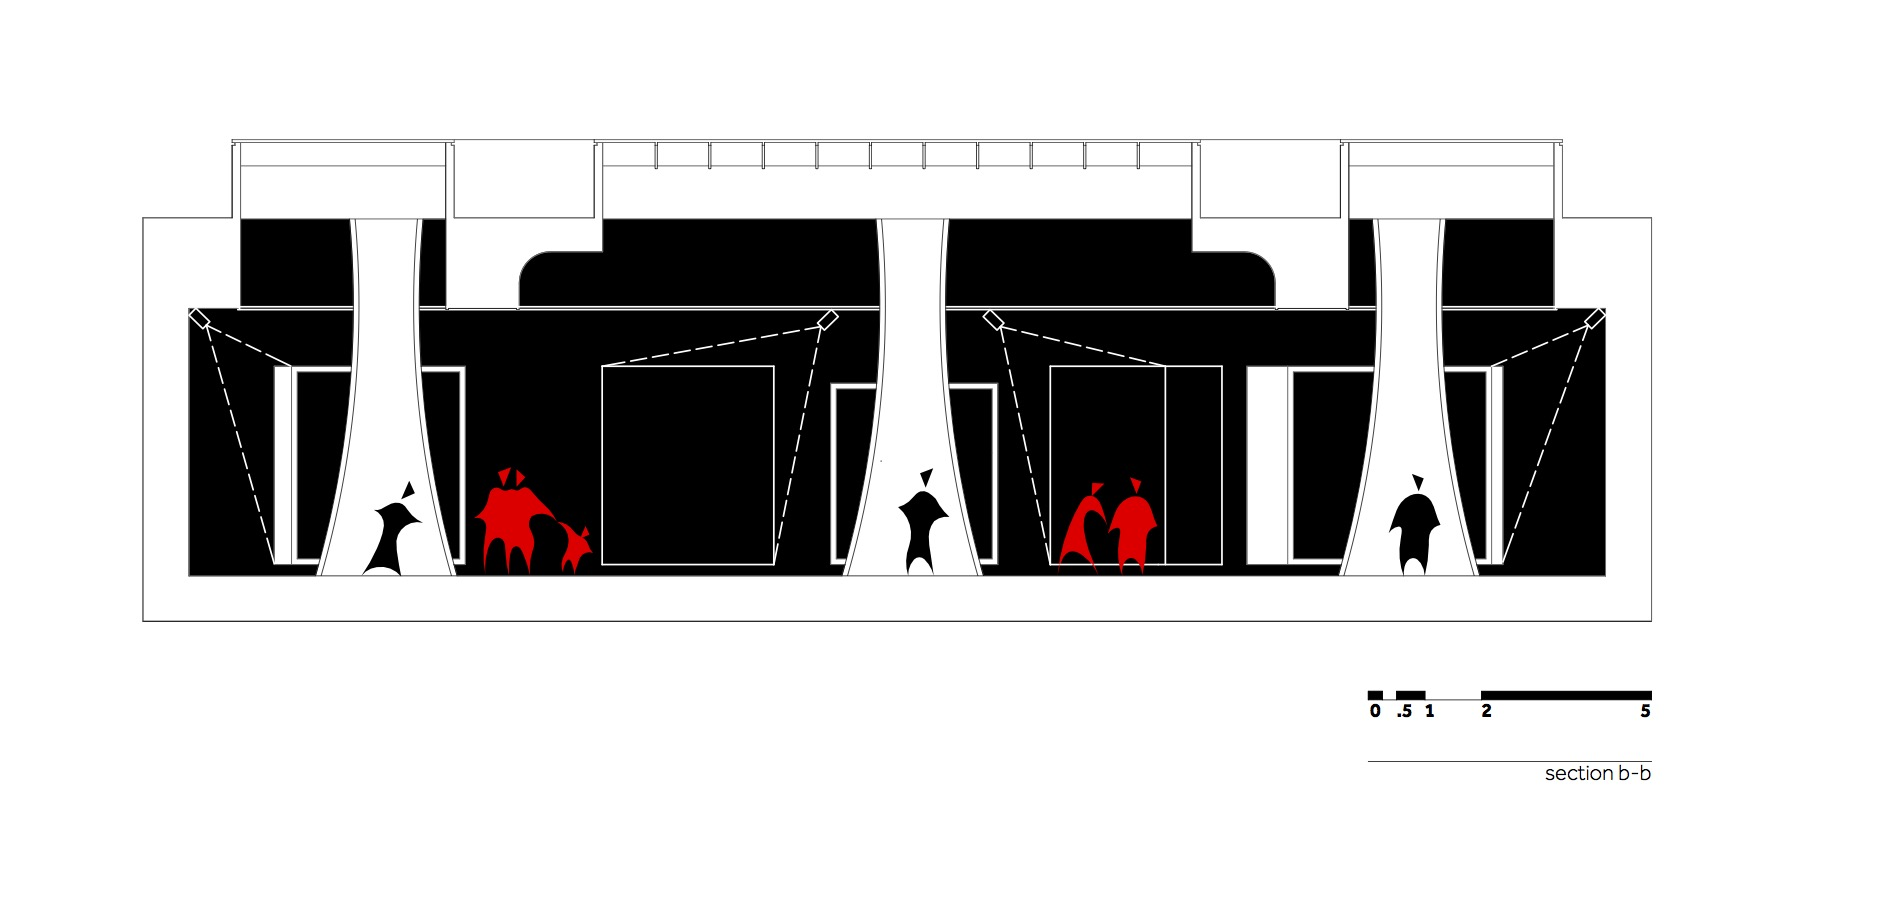 MHS - Bienala de la Venetia - W.04 Sectiune b-b_en